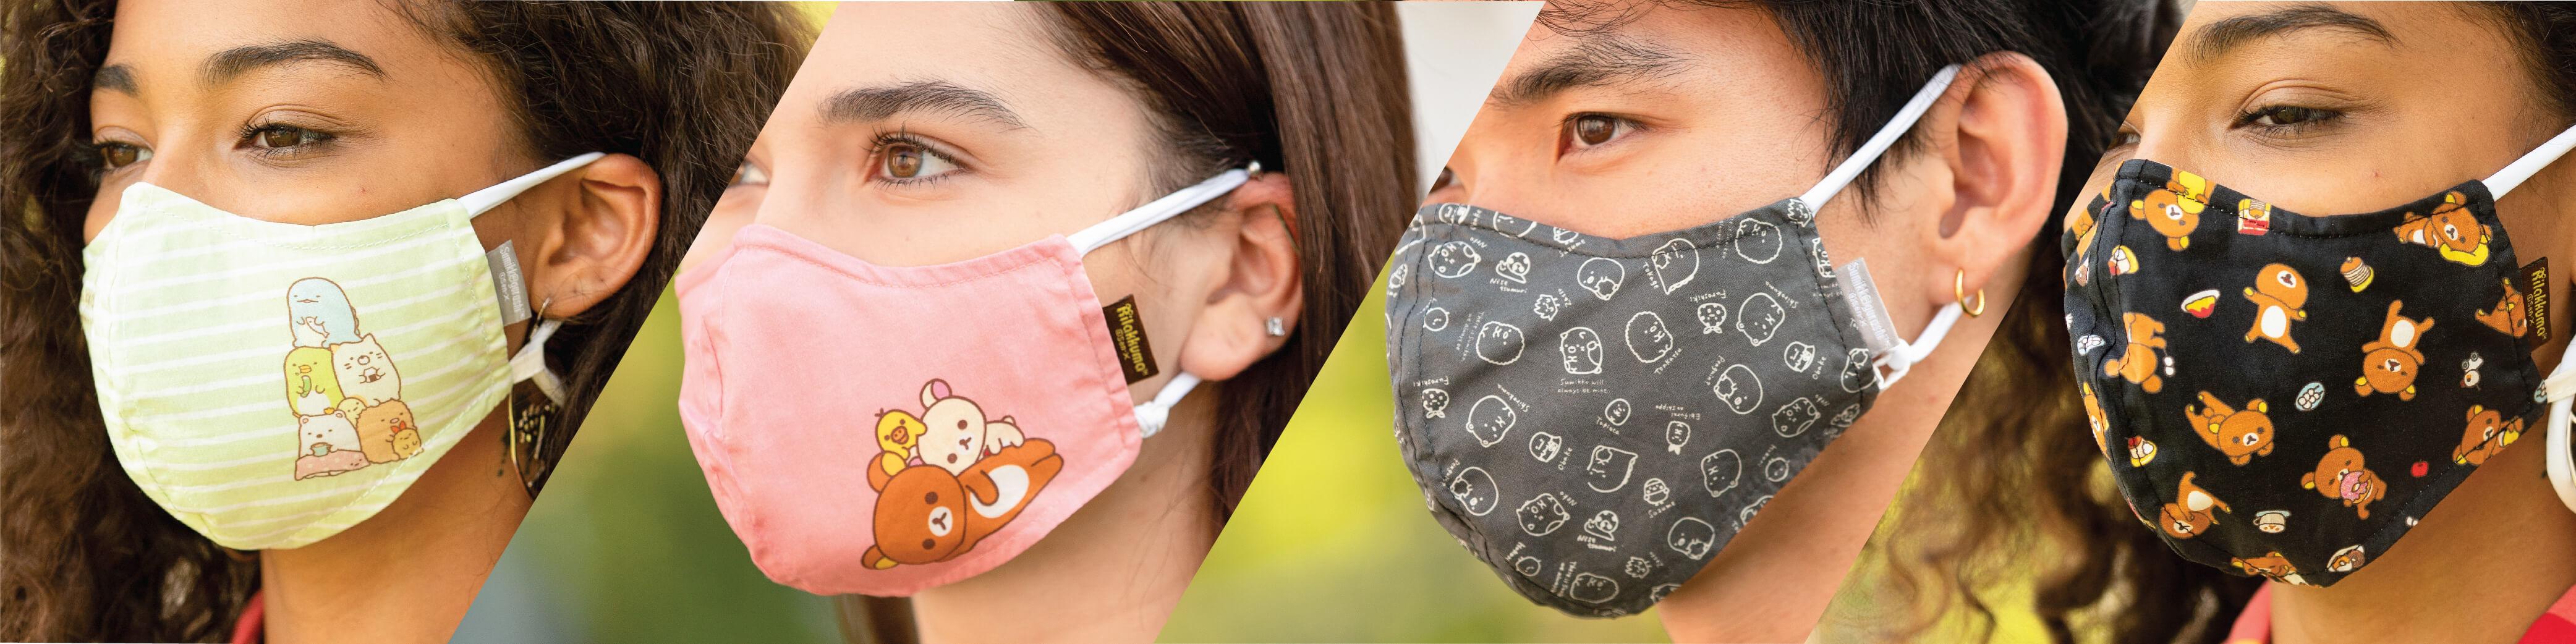 category-banner-face-mask-1-.jpg